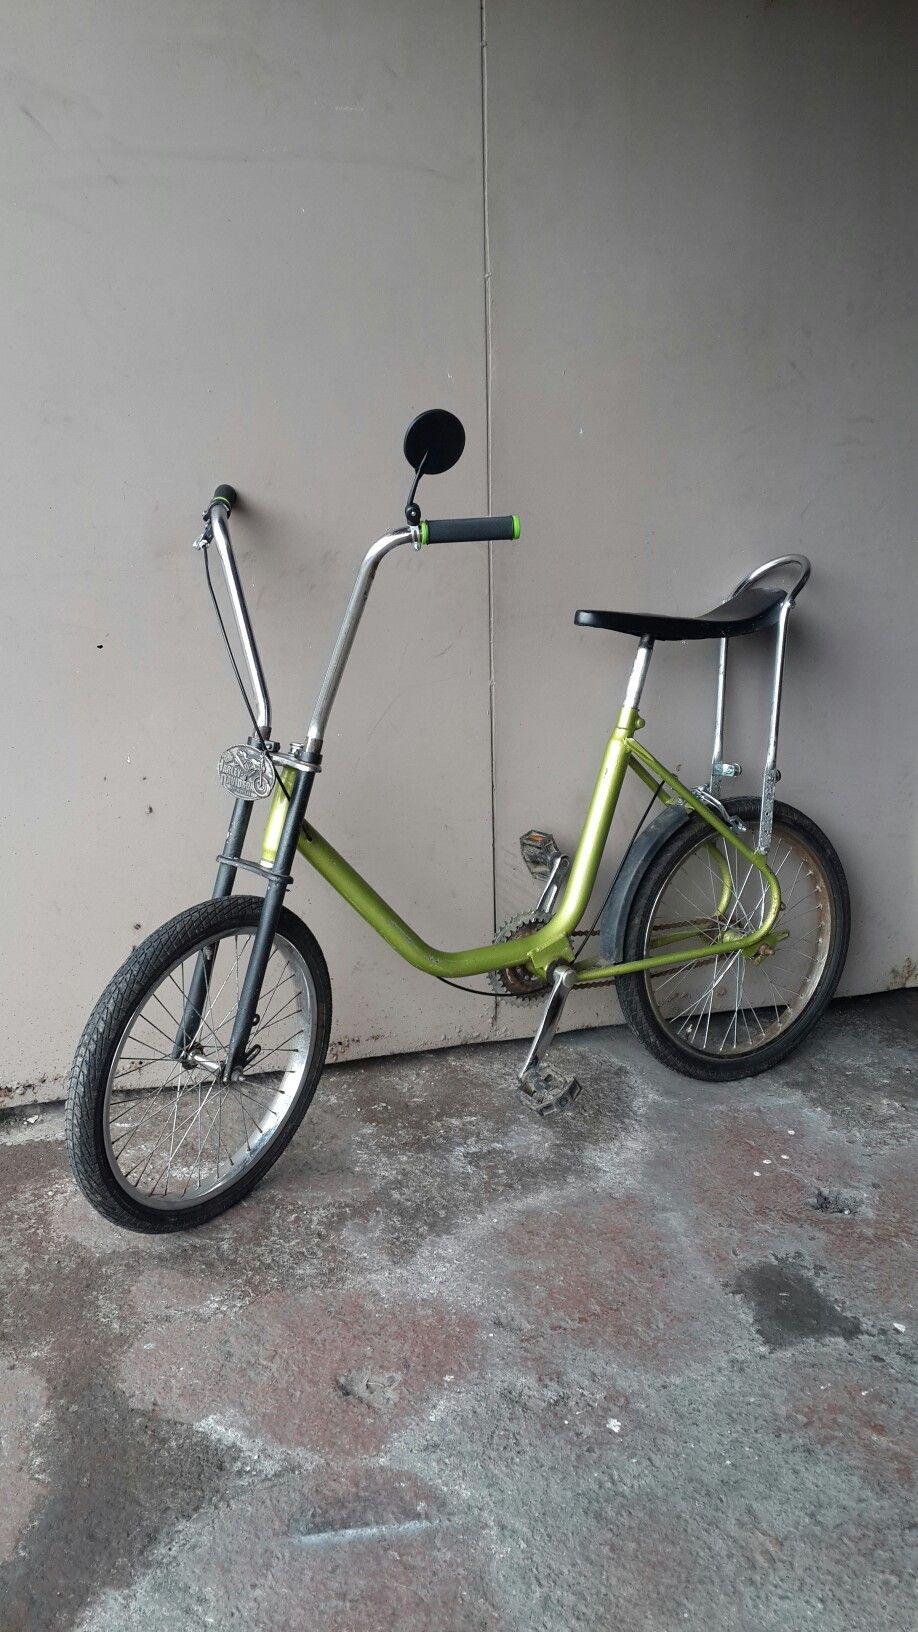 Cara Menggambar Sepeda : menggambar, sepeda, Chopper, Style, Bike,, Motoretta, Frame., Sepeda,, Menggambar